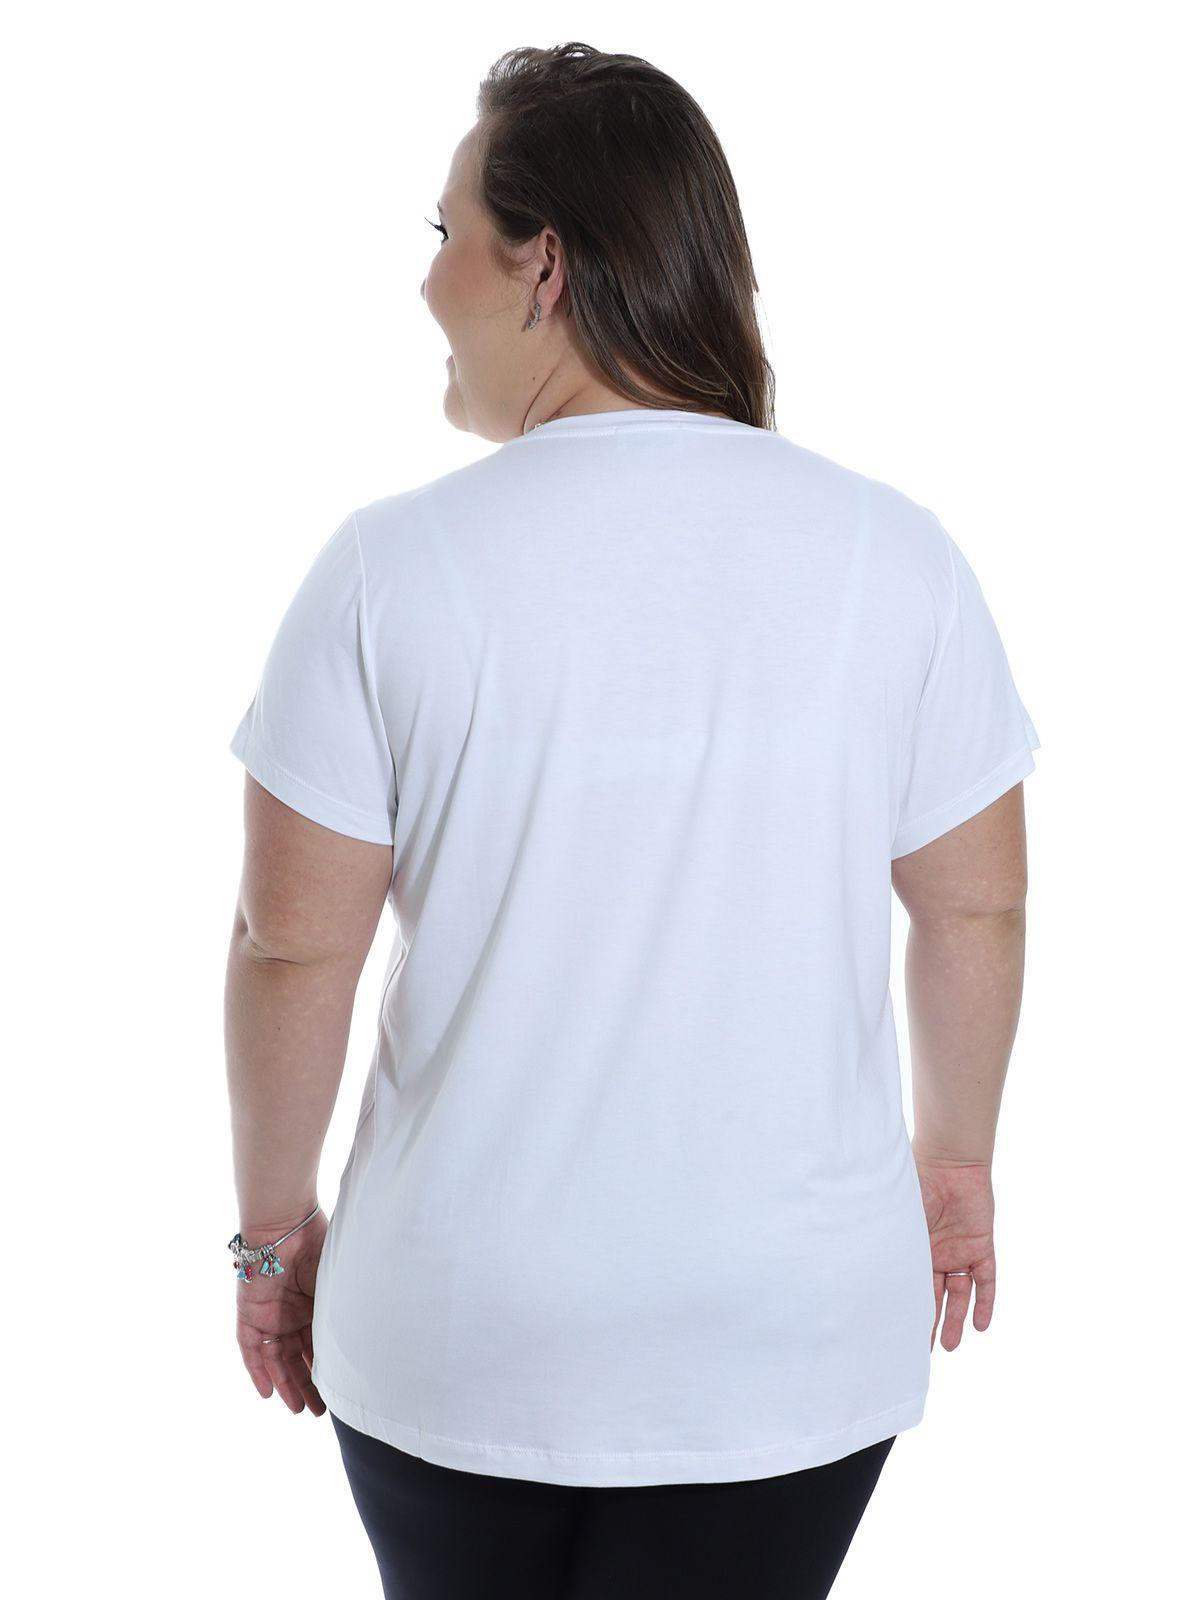 Blusa Plus Size KTS de Viscolycra com Aplicação Branca